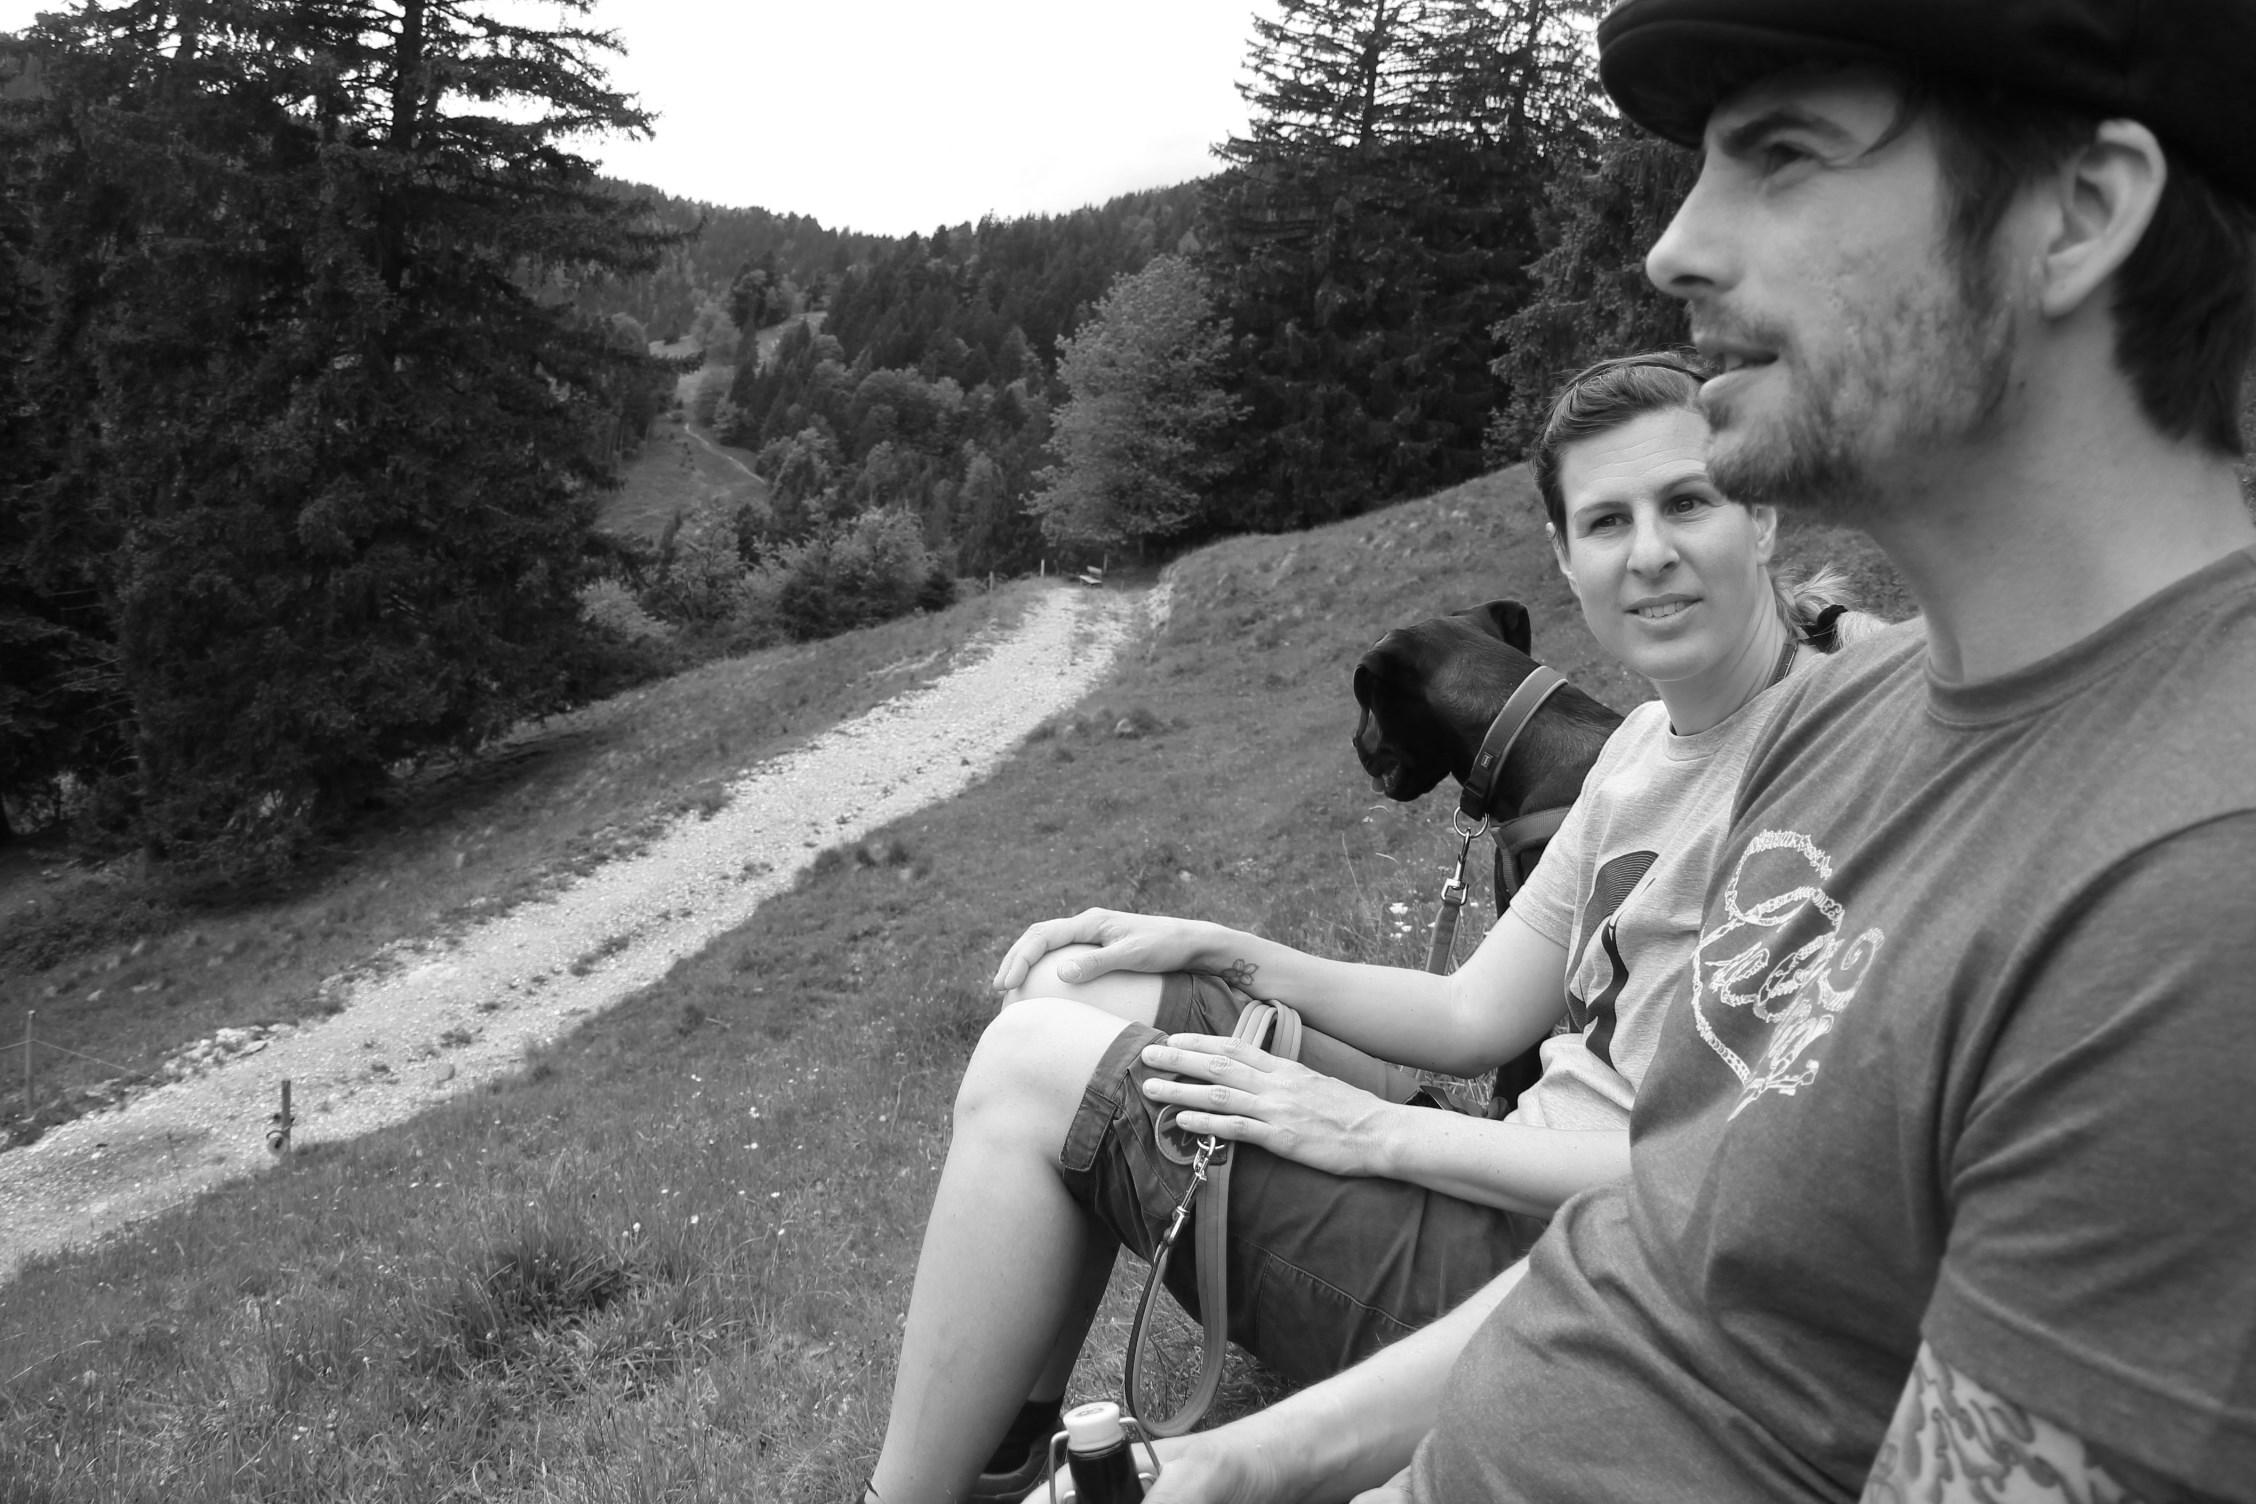 Der bayrische Patriot und sein Engel – Gipfeltreffen am Heigelkopf in Wackersberg